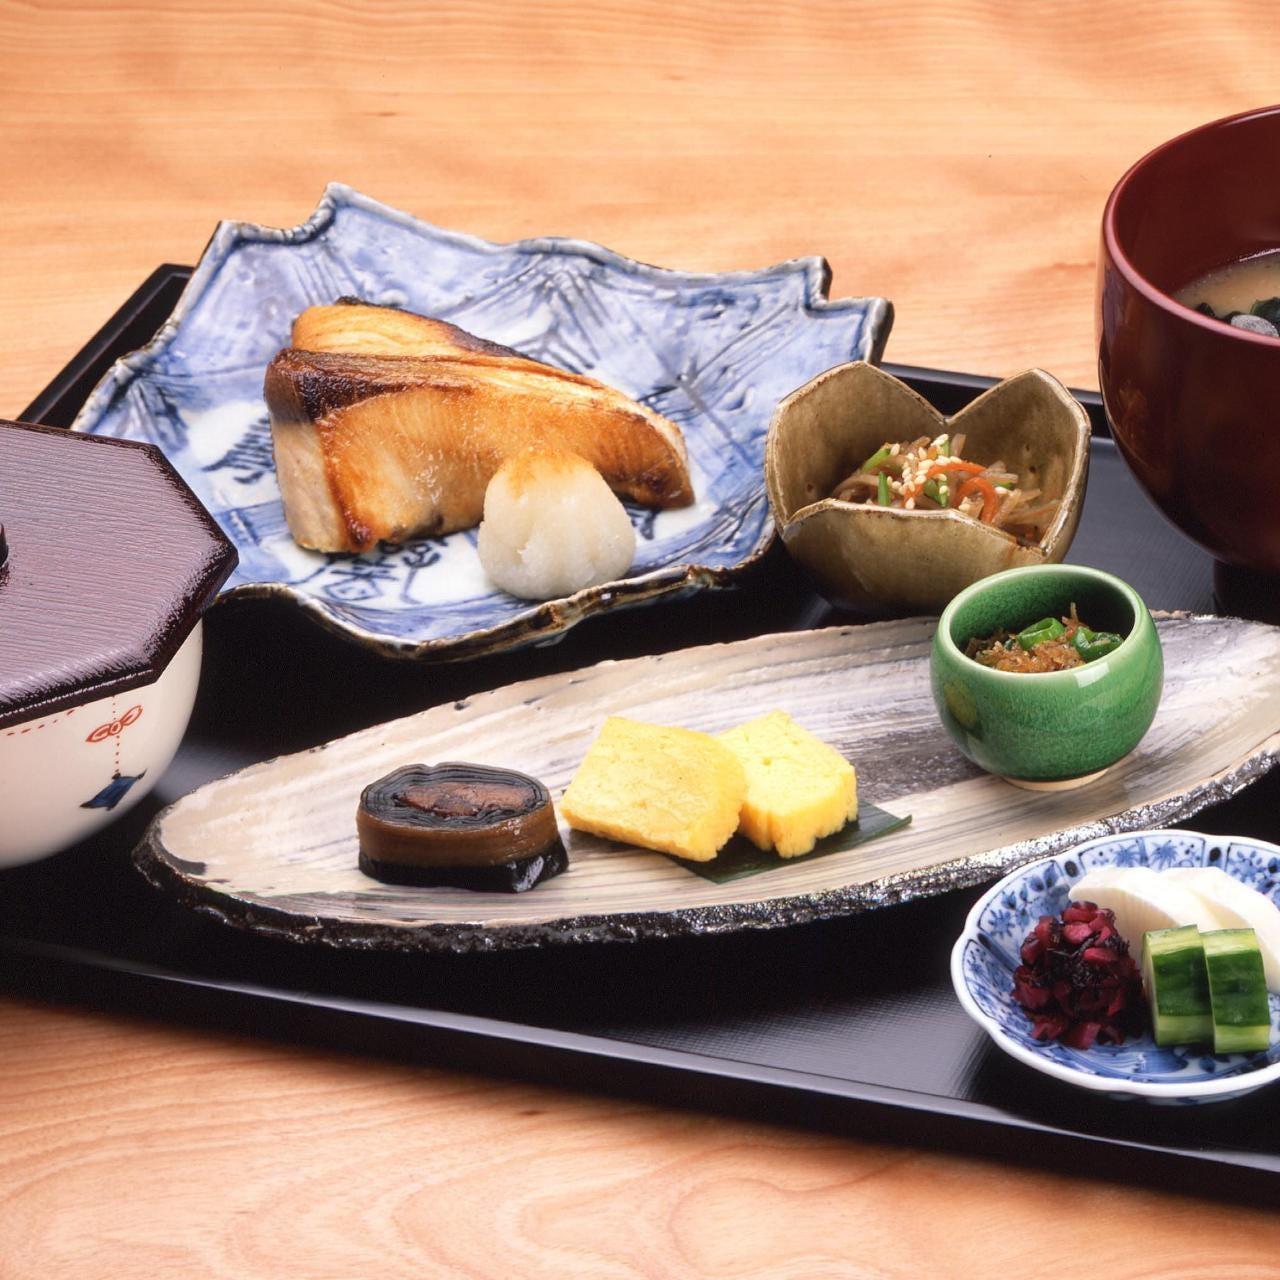 【テイクアウトあり】料理長おすすめの日替わり焼き魚が楽しめる